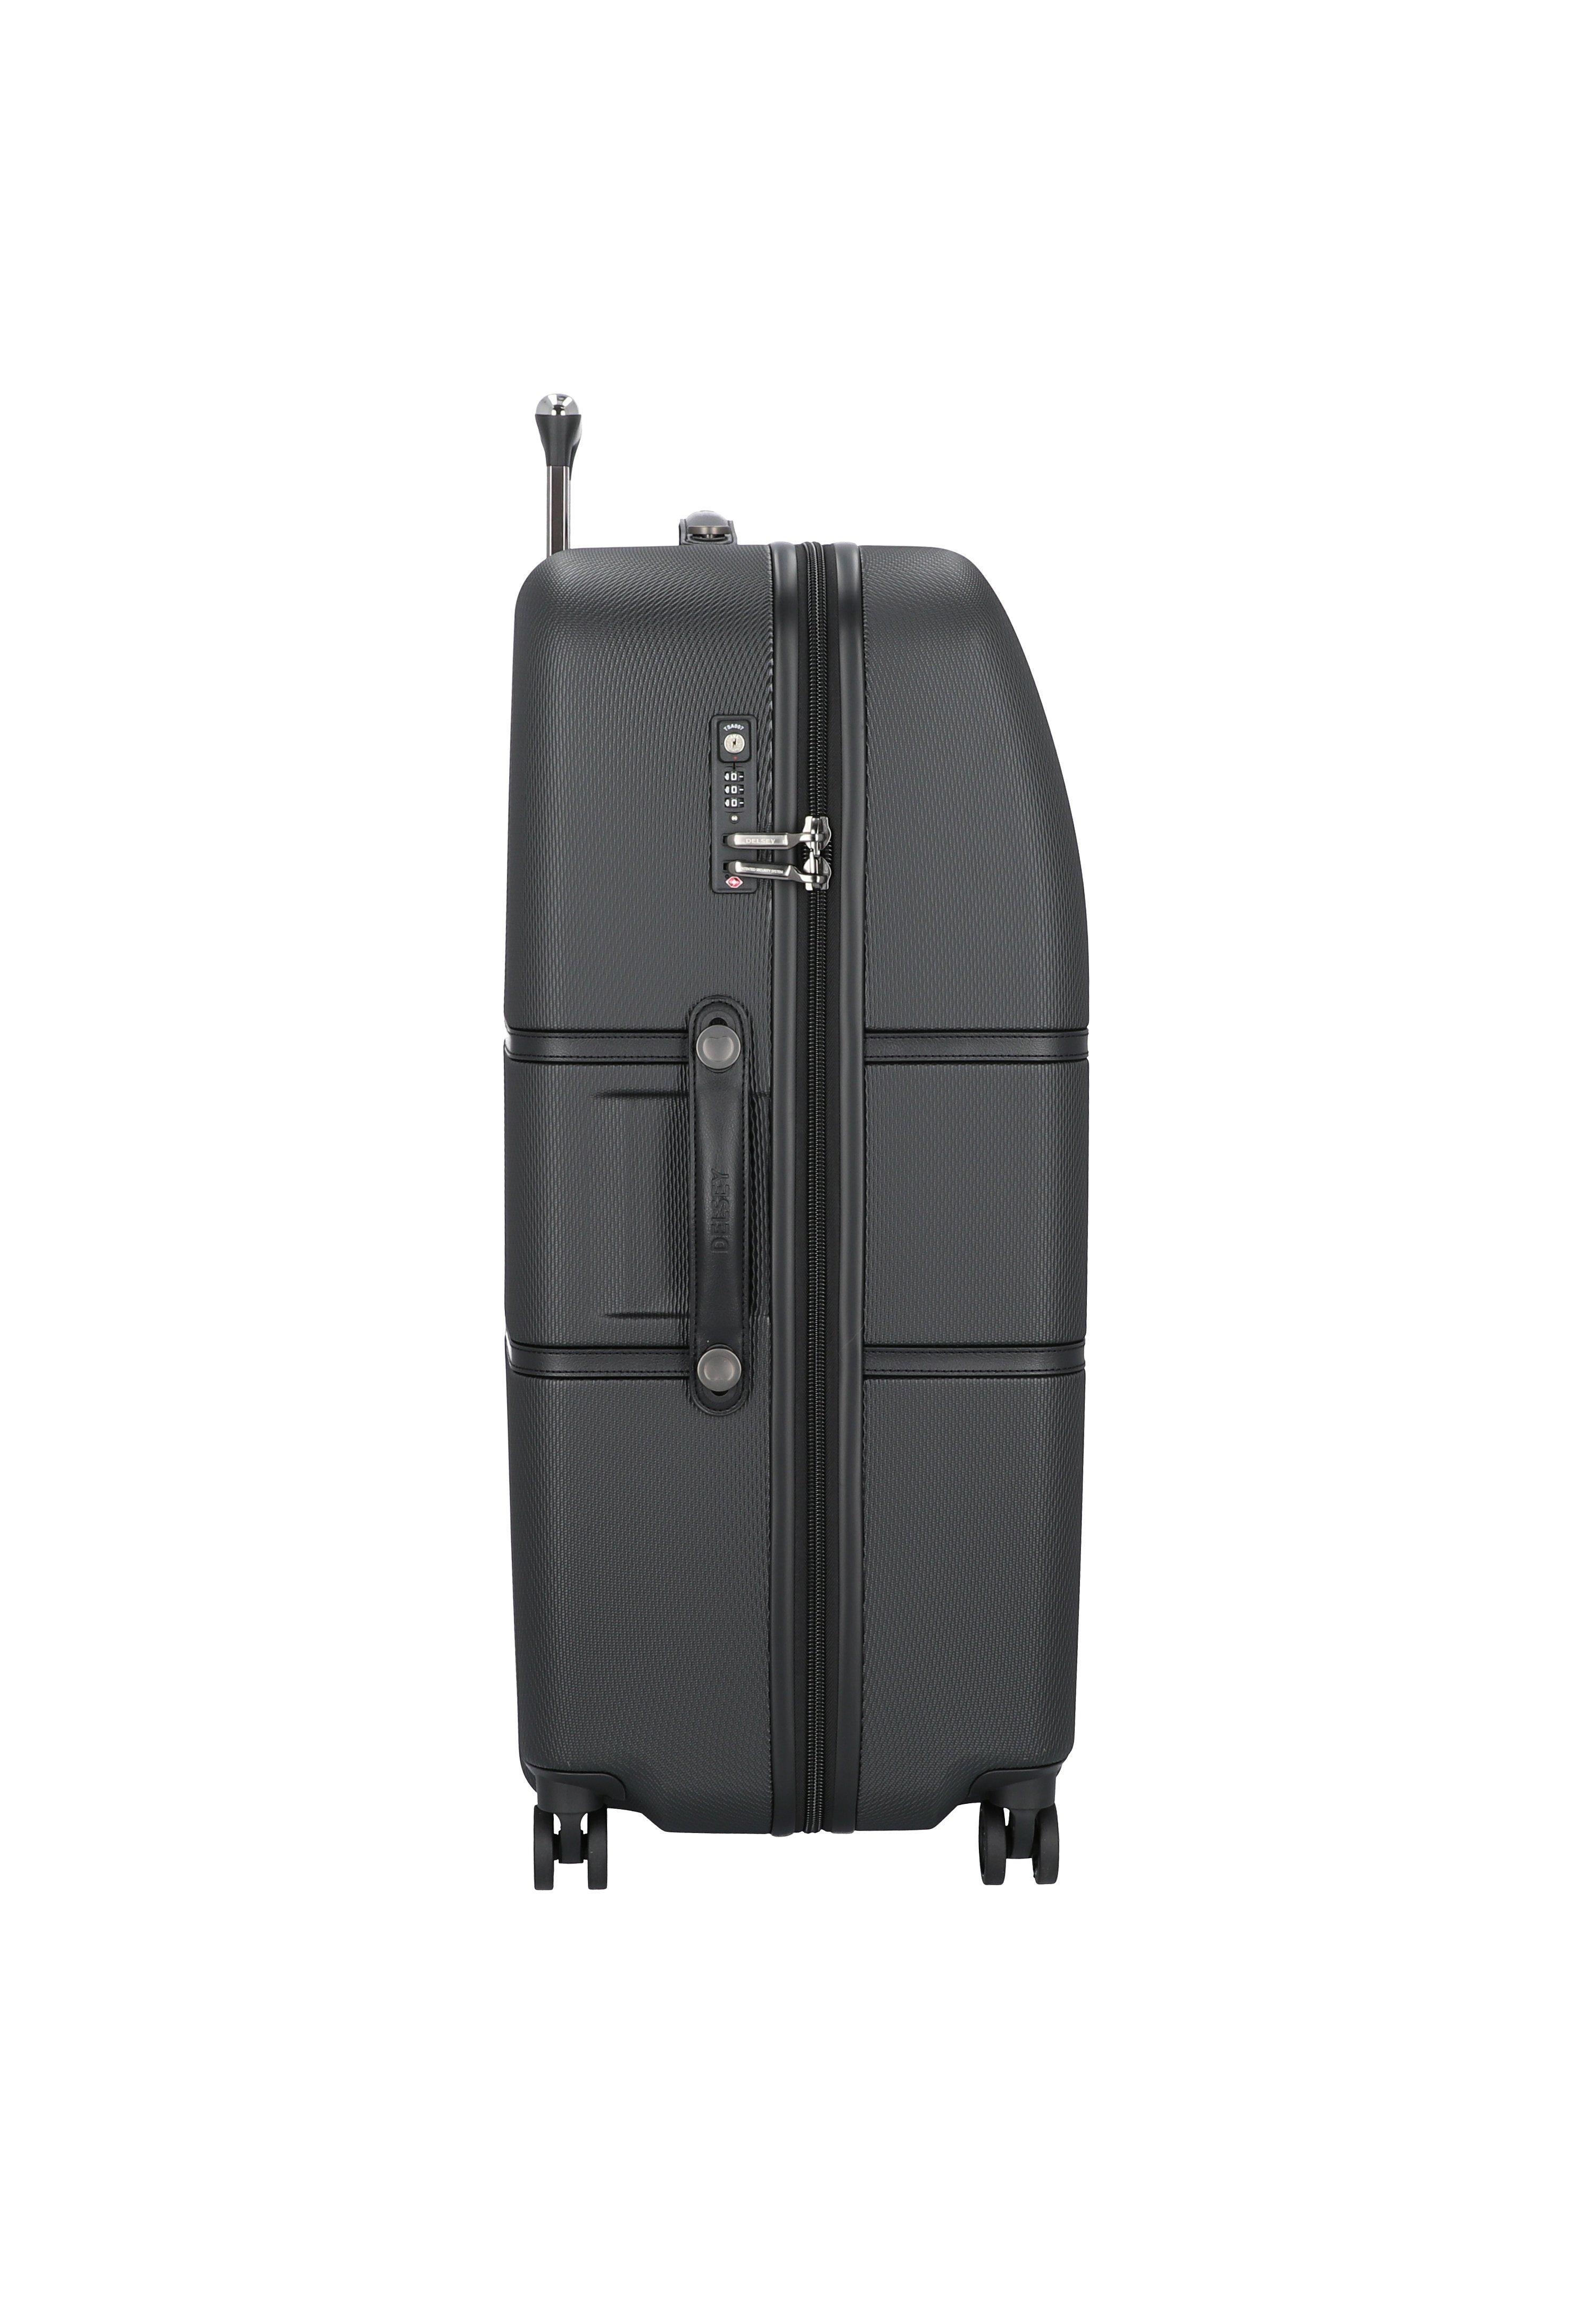 Delsey CHATELET AIR 4-ROLLEN TROLLEY 82 CM - Trolley - schwarz - Herrentaschen 5wVHL